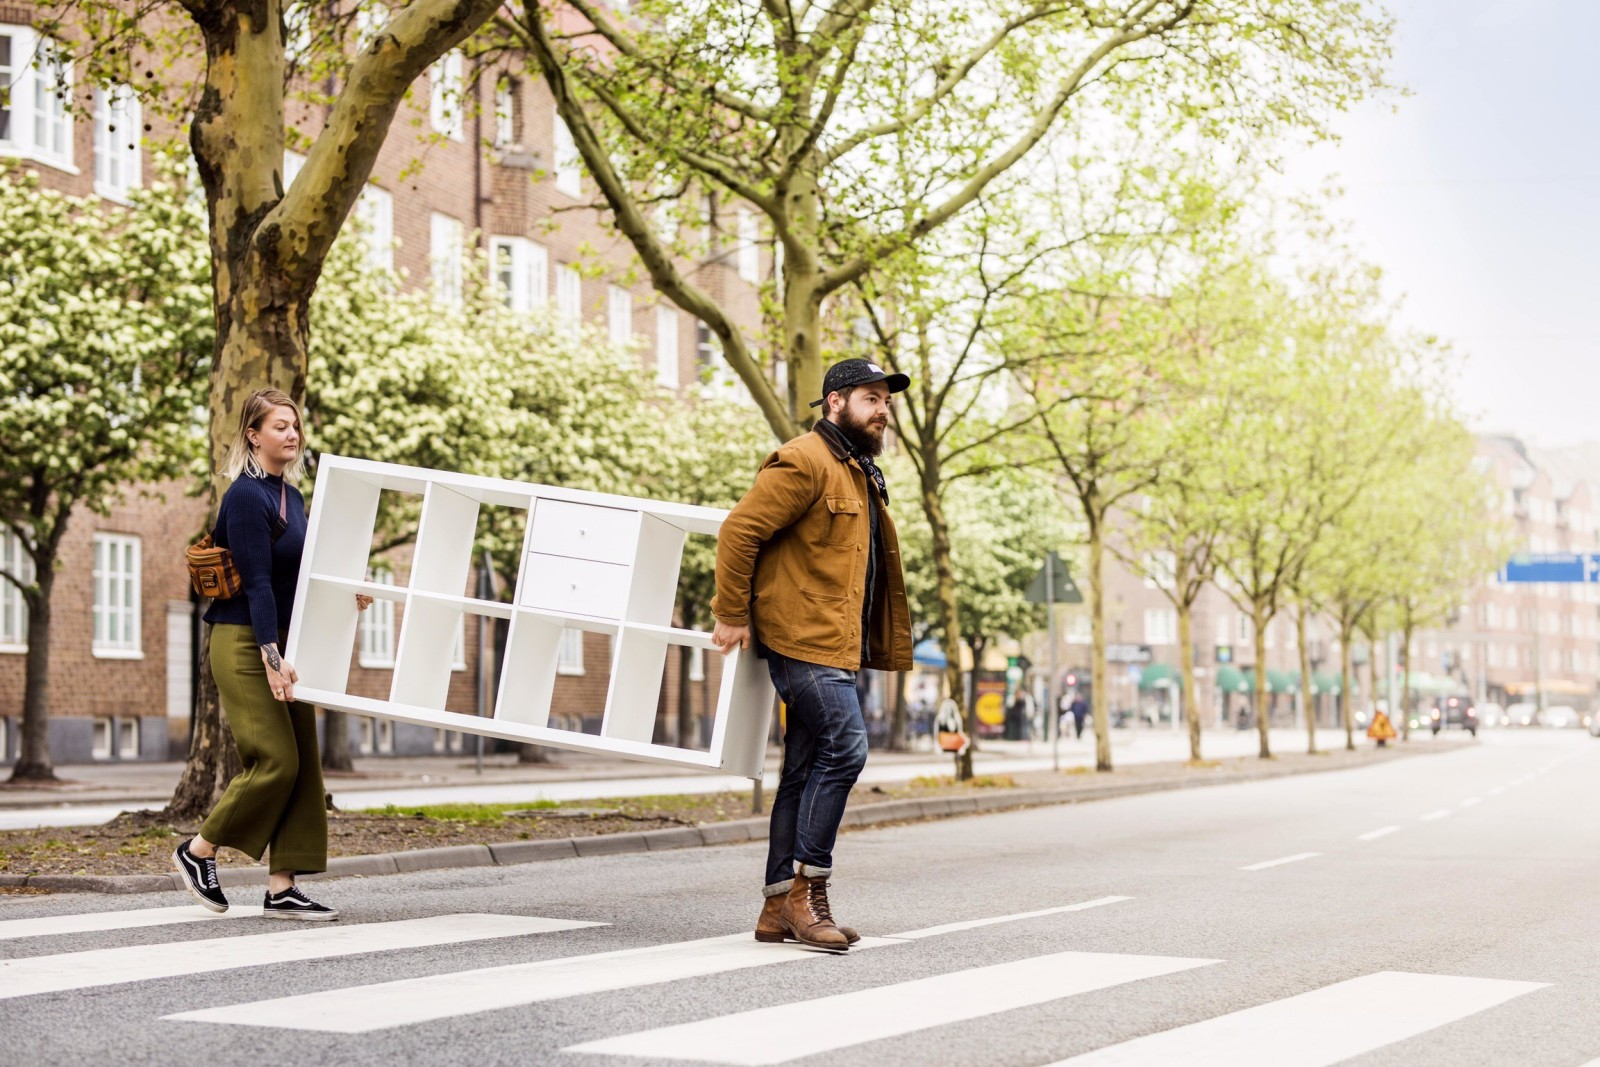 不要となった家具を再利用するキャンペーン